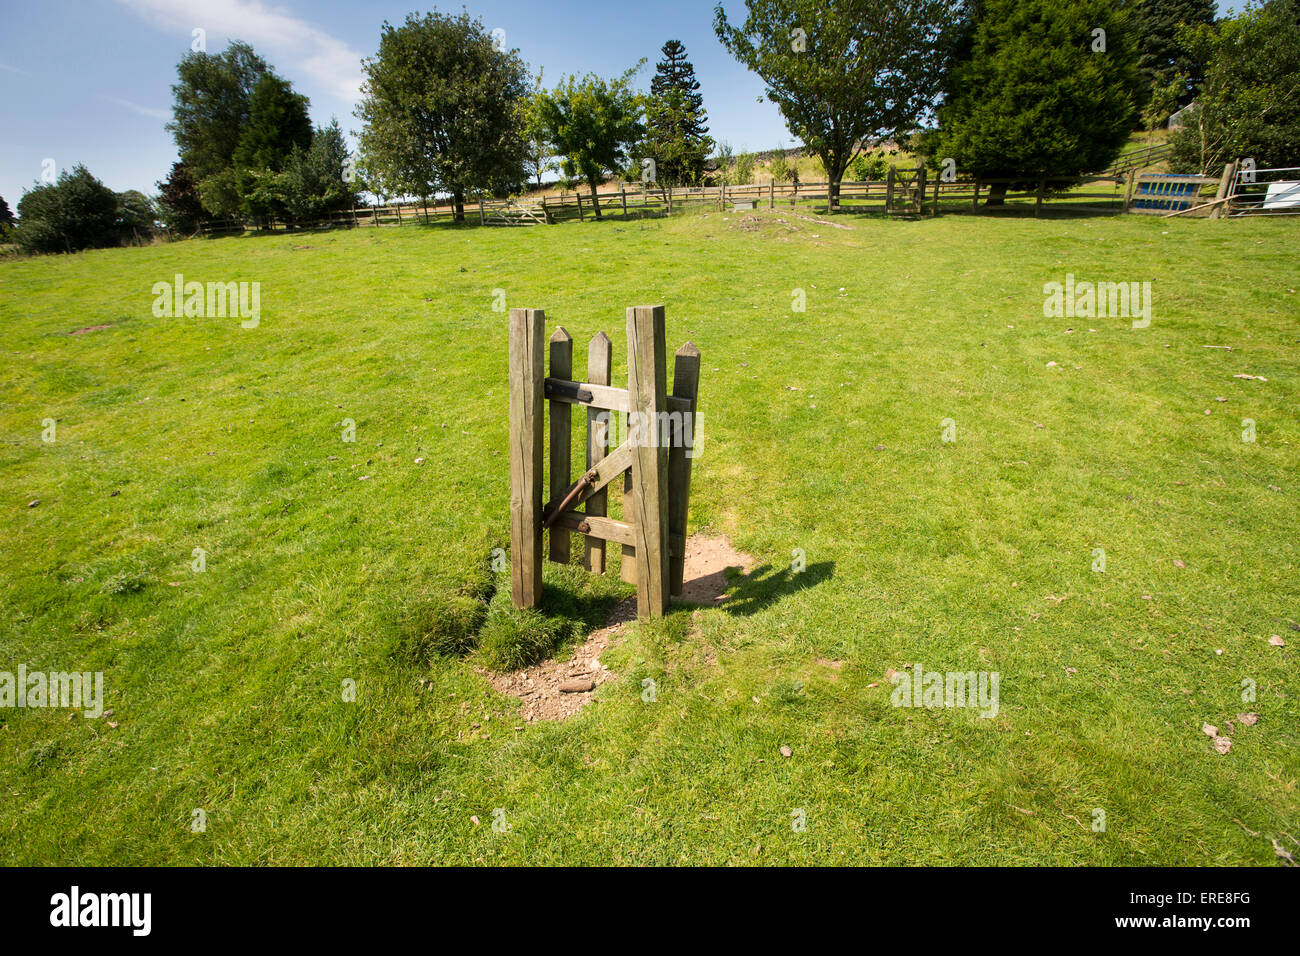 Großbritannien, England, Staffordshire, Ilam, Bunster Hill, Luft Cottage, sinnlos öffentlichen Fußweg Stockbild